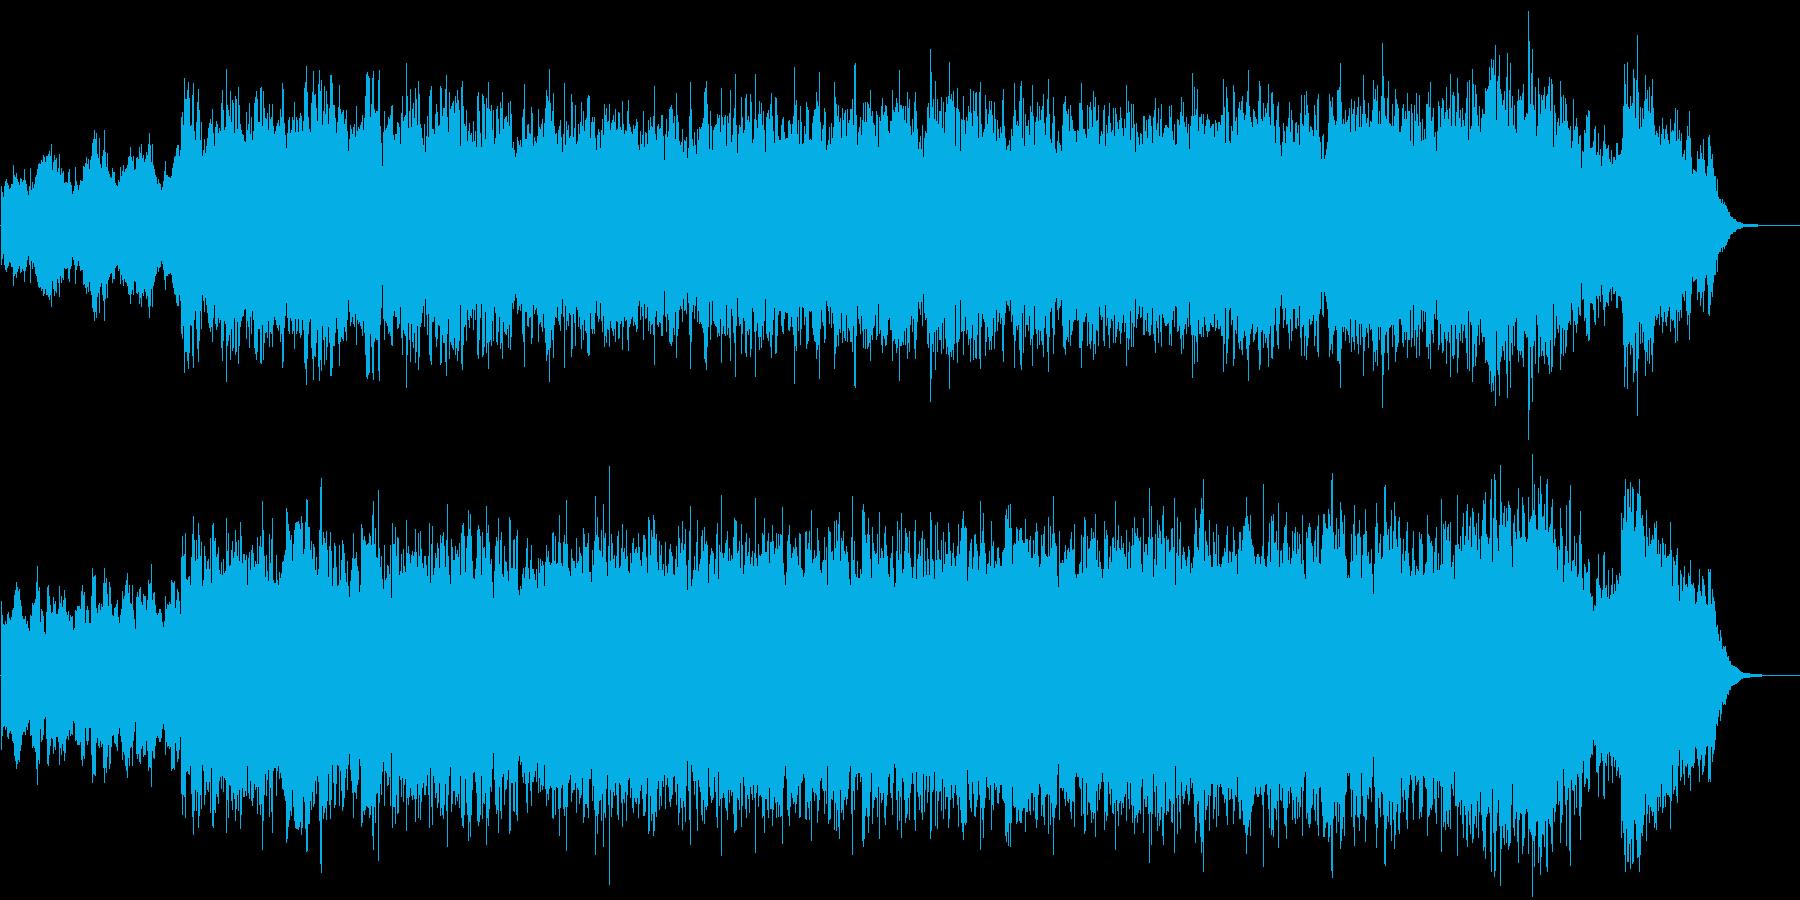 ミステリアスでホラーチックな場面の再生済みの波形